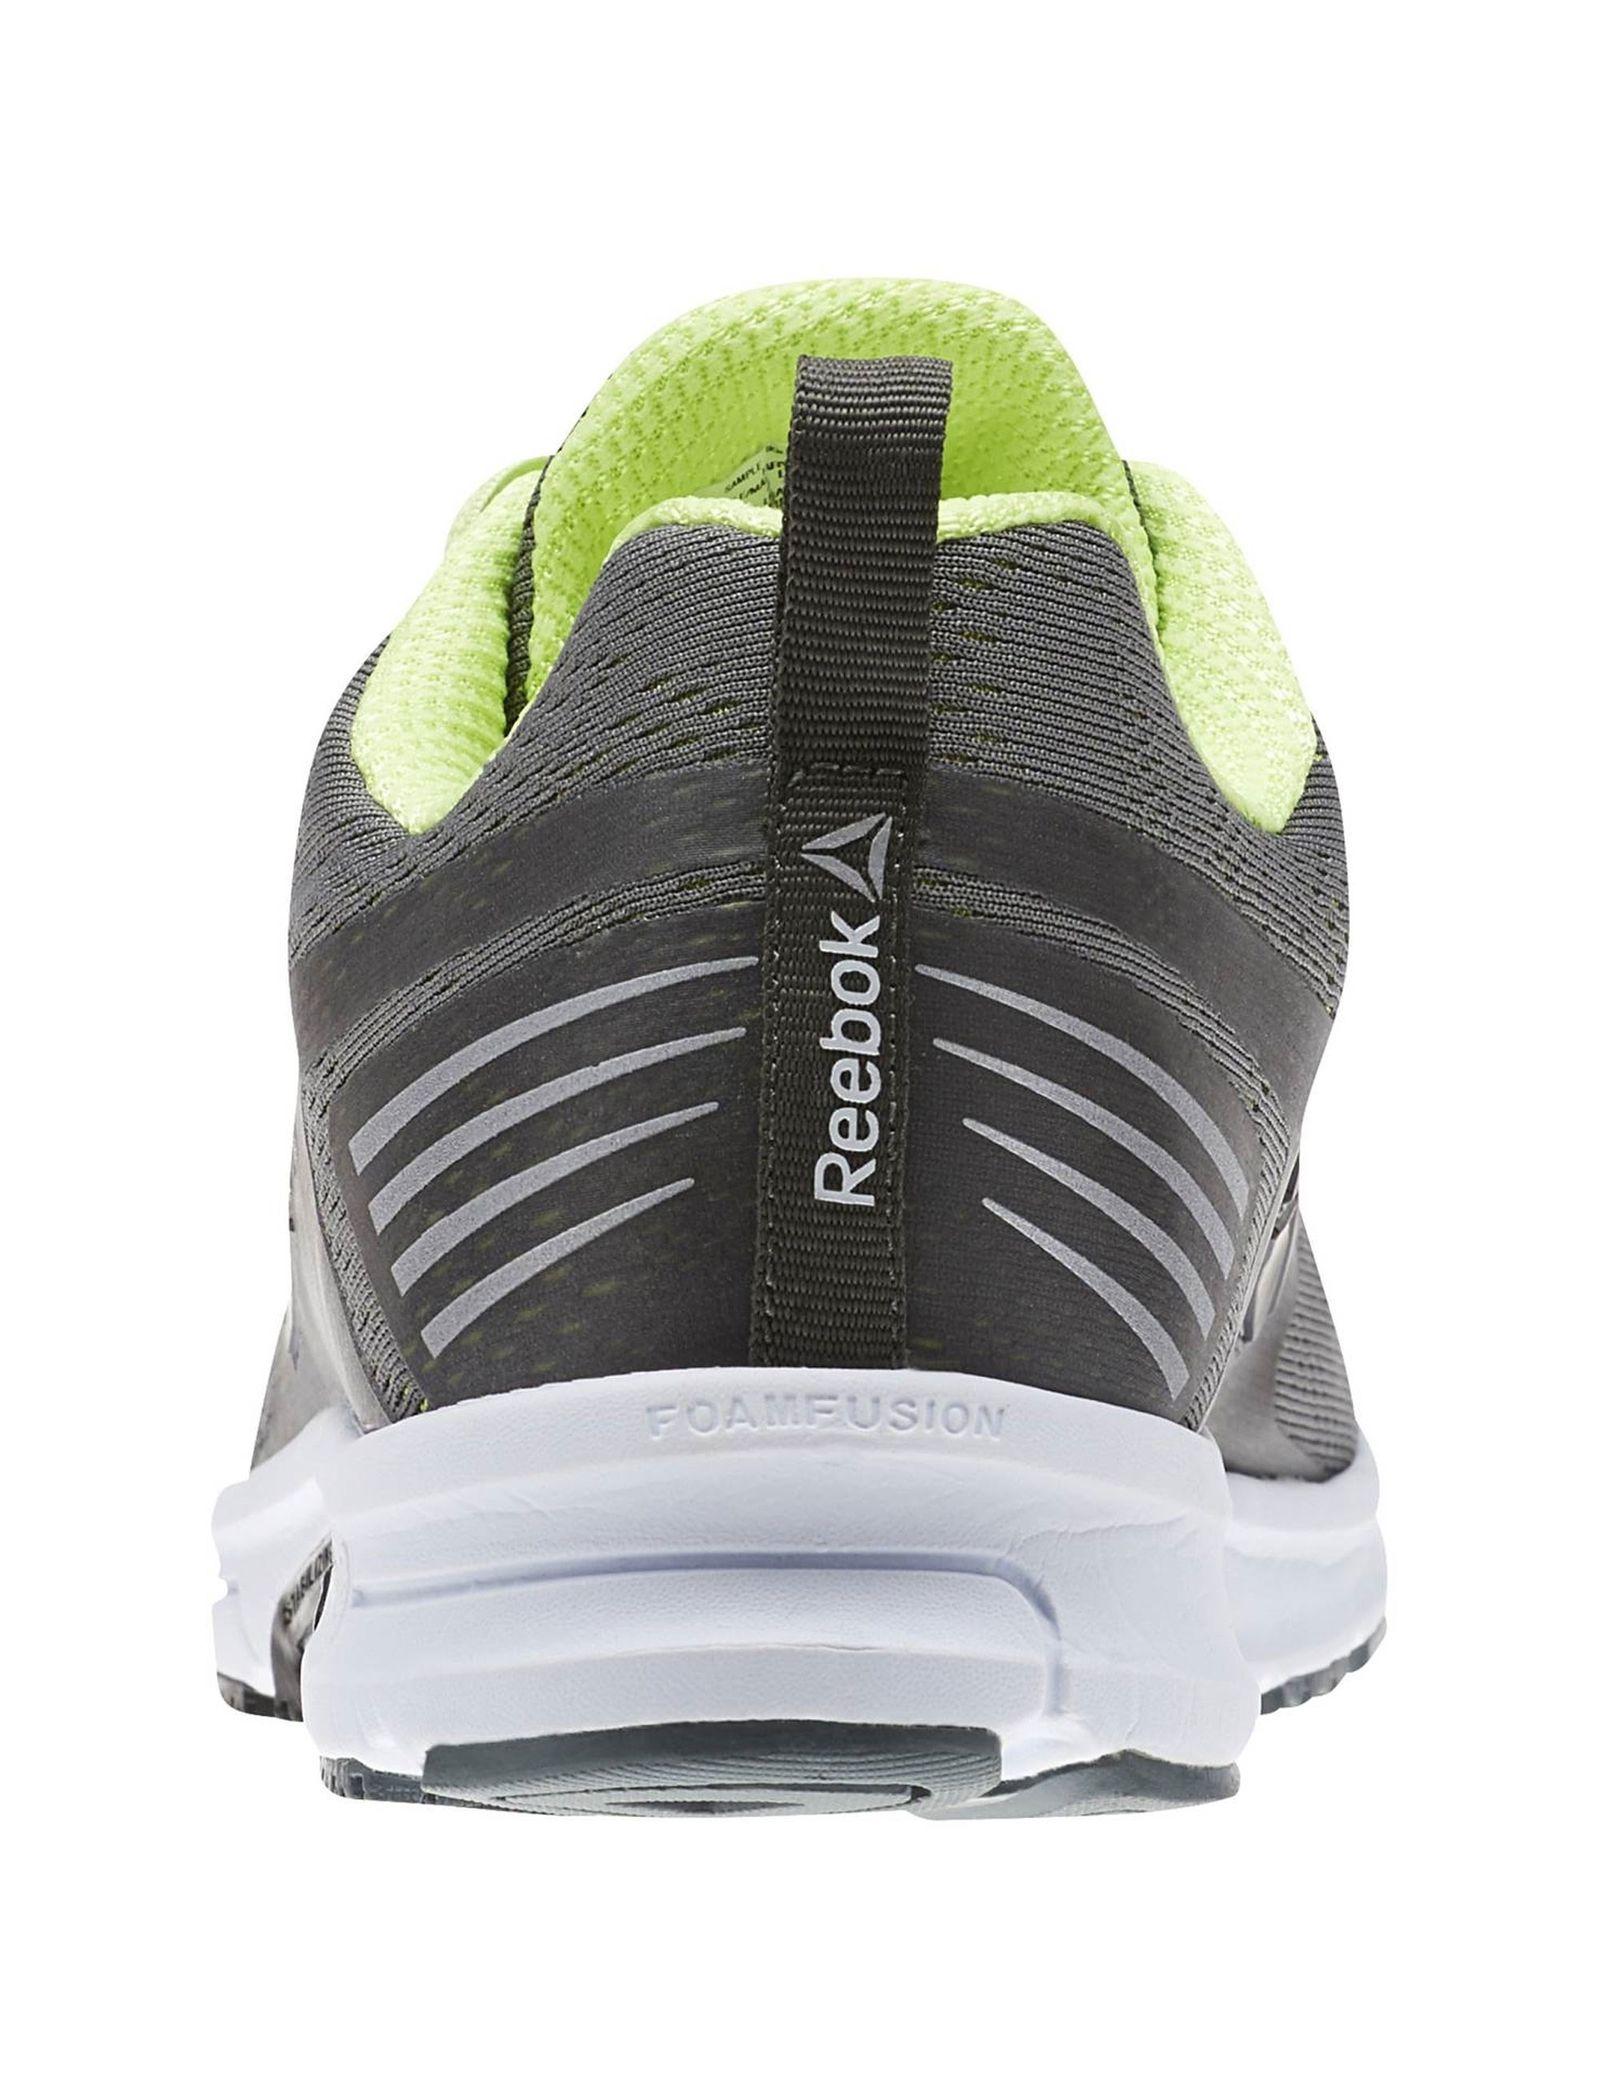 کفش مخصوص دویدن مردانه ریباک مدل Reebok Runner - طوسي - 6